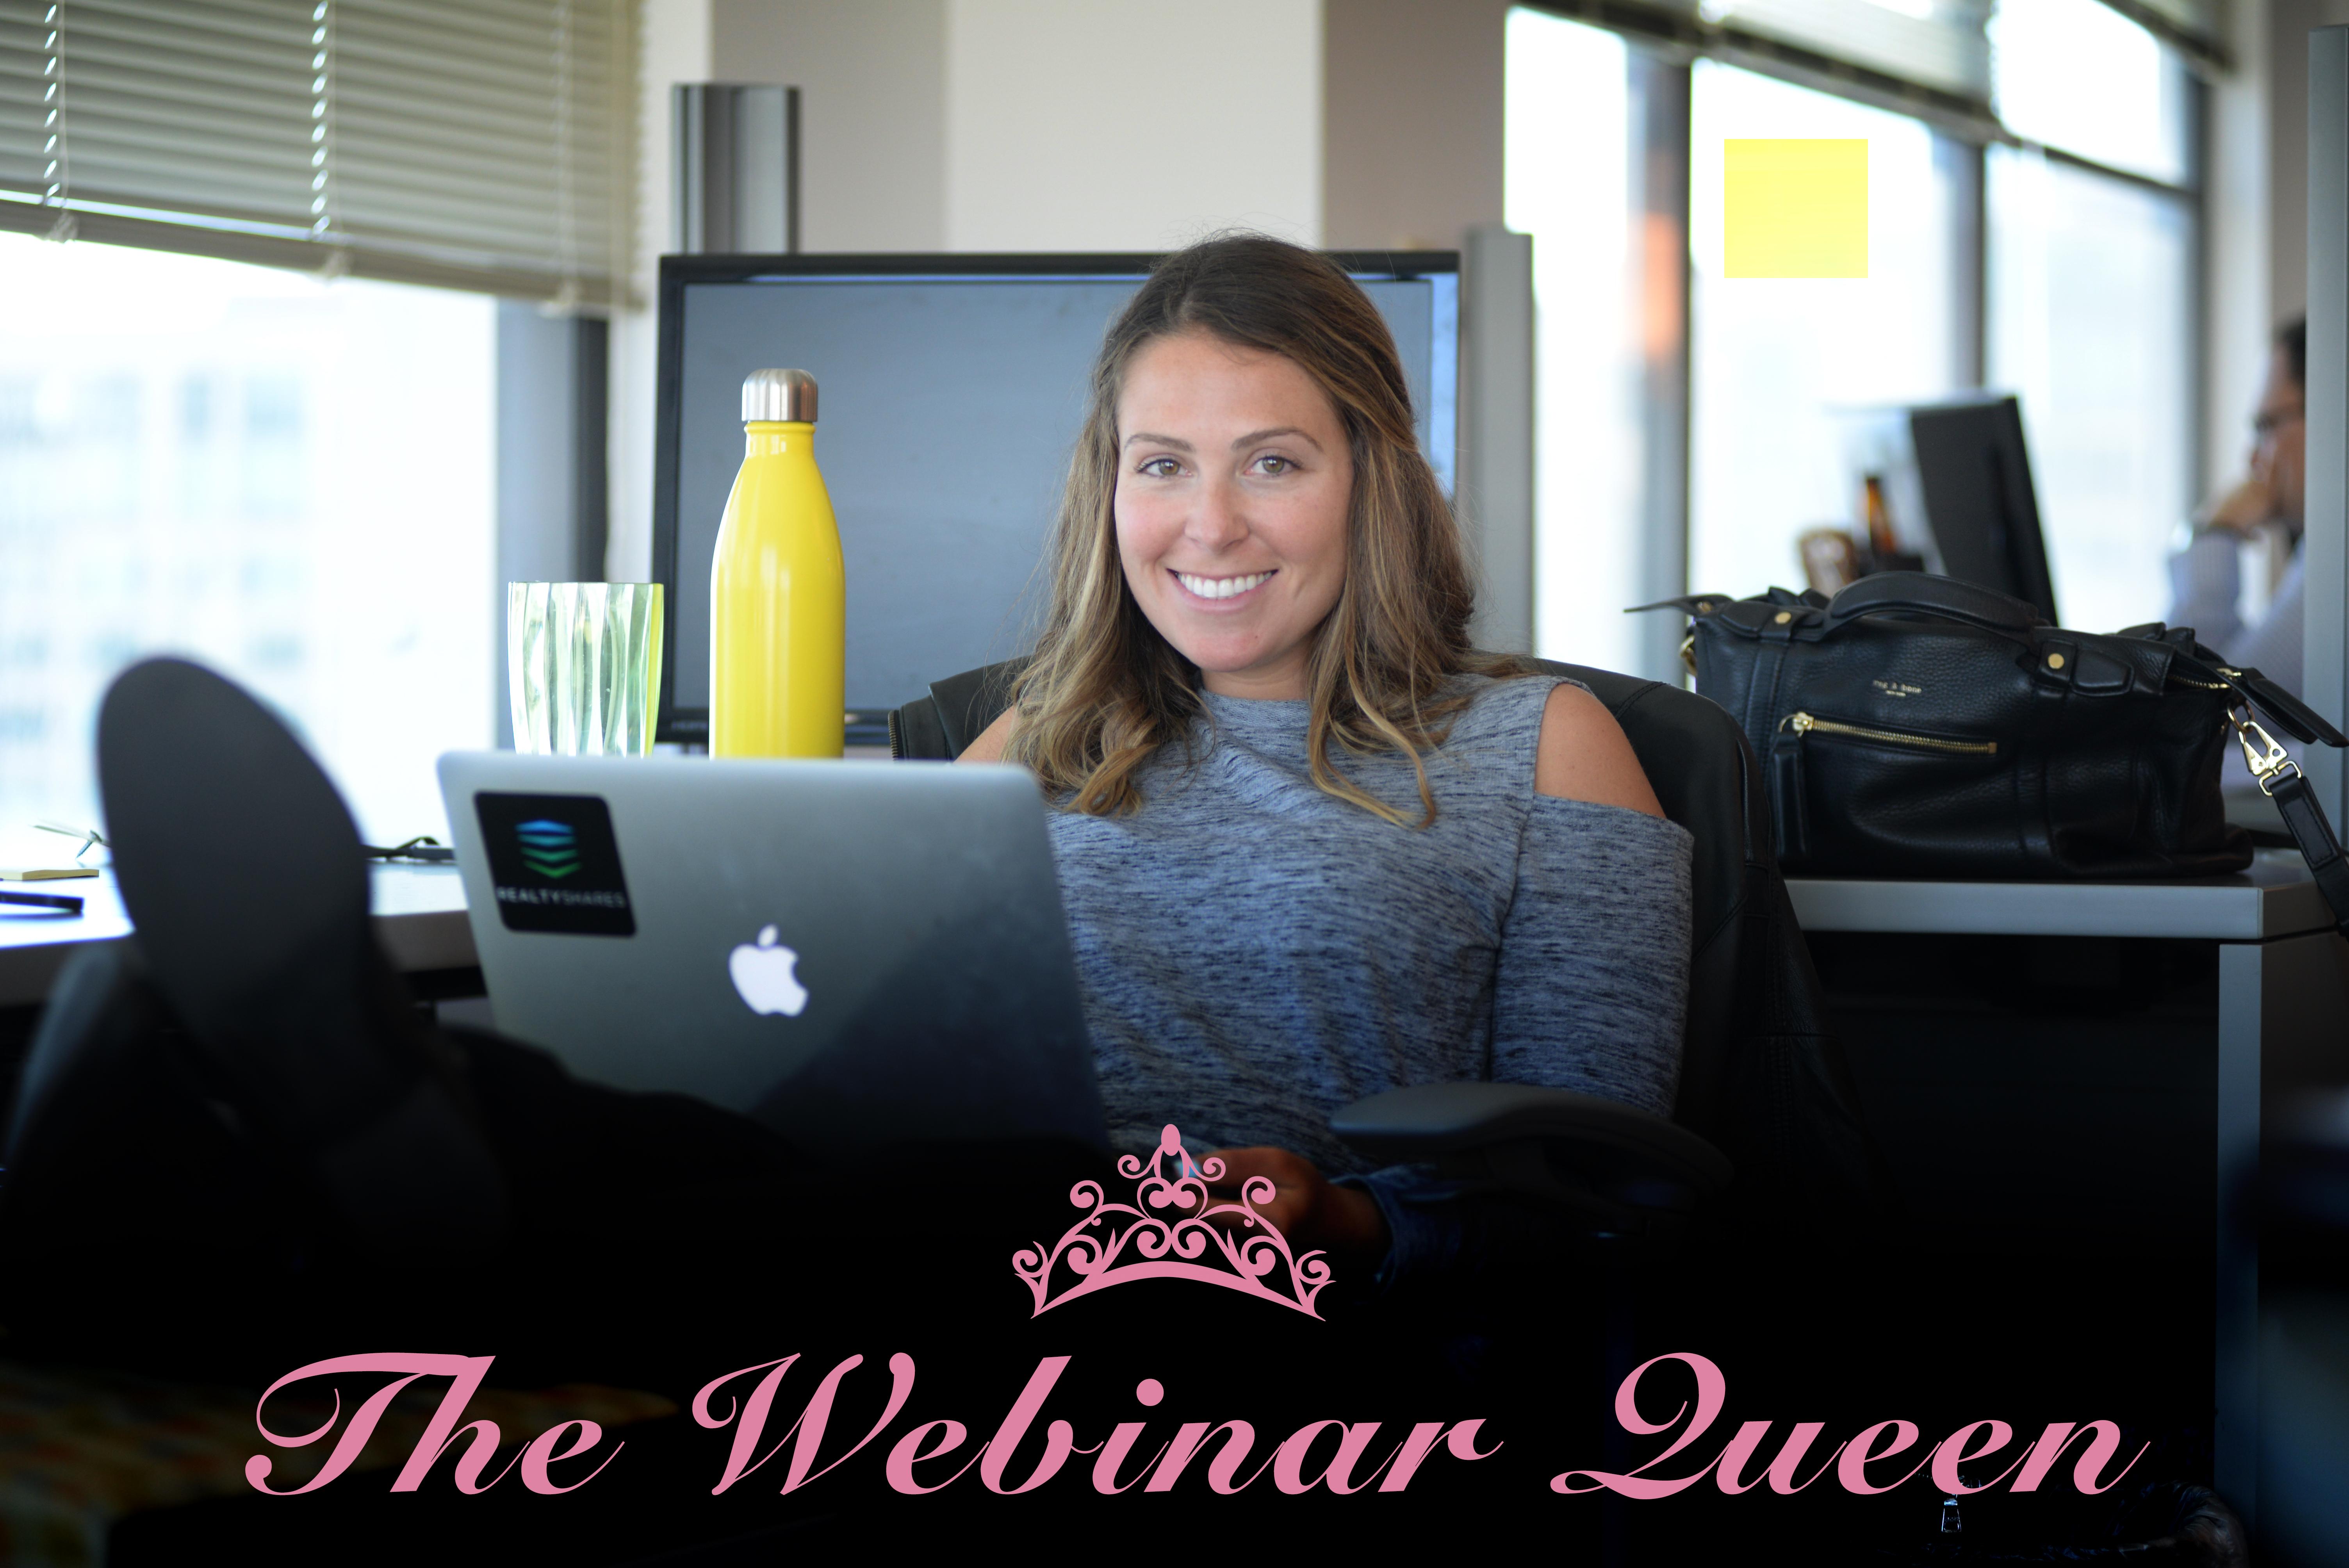 evergreen webinar queen